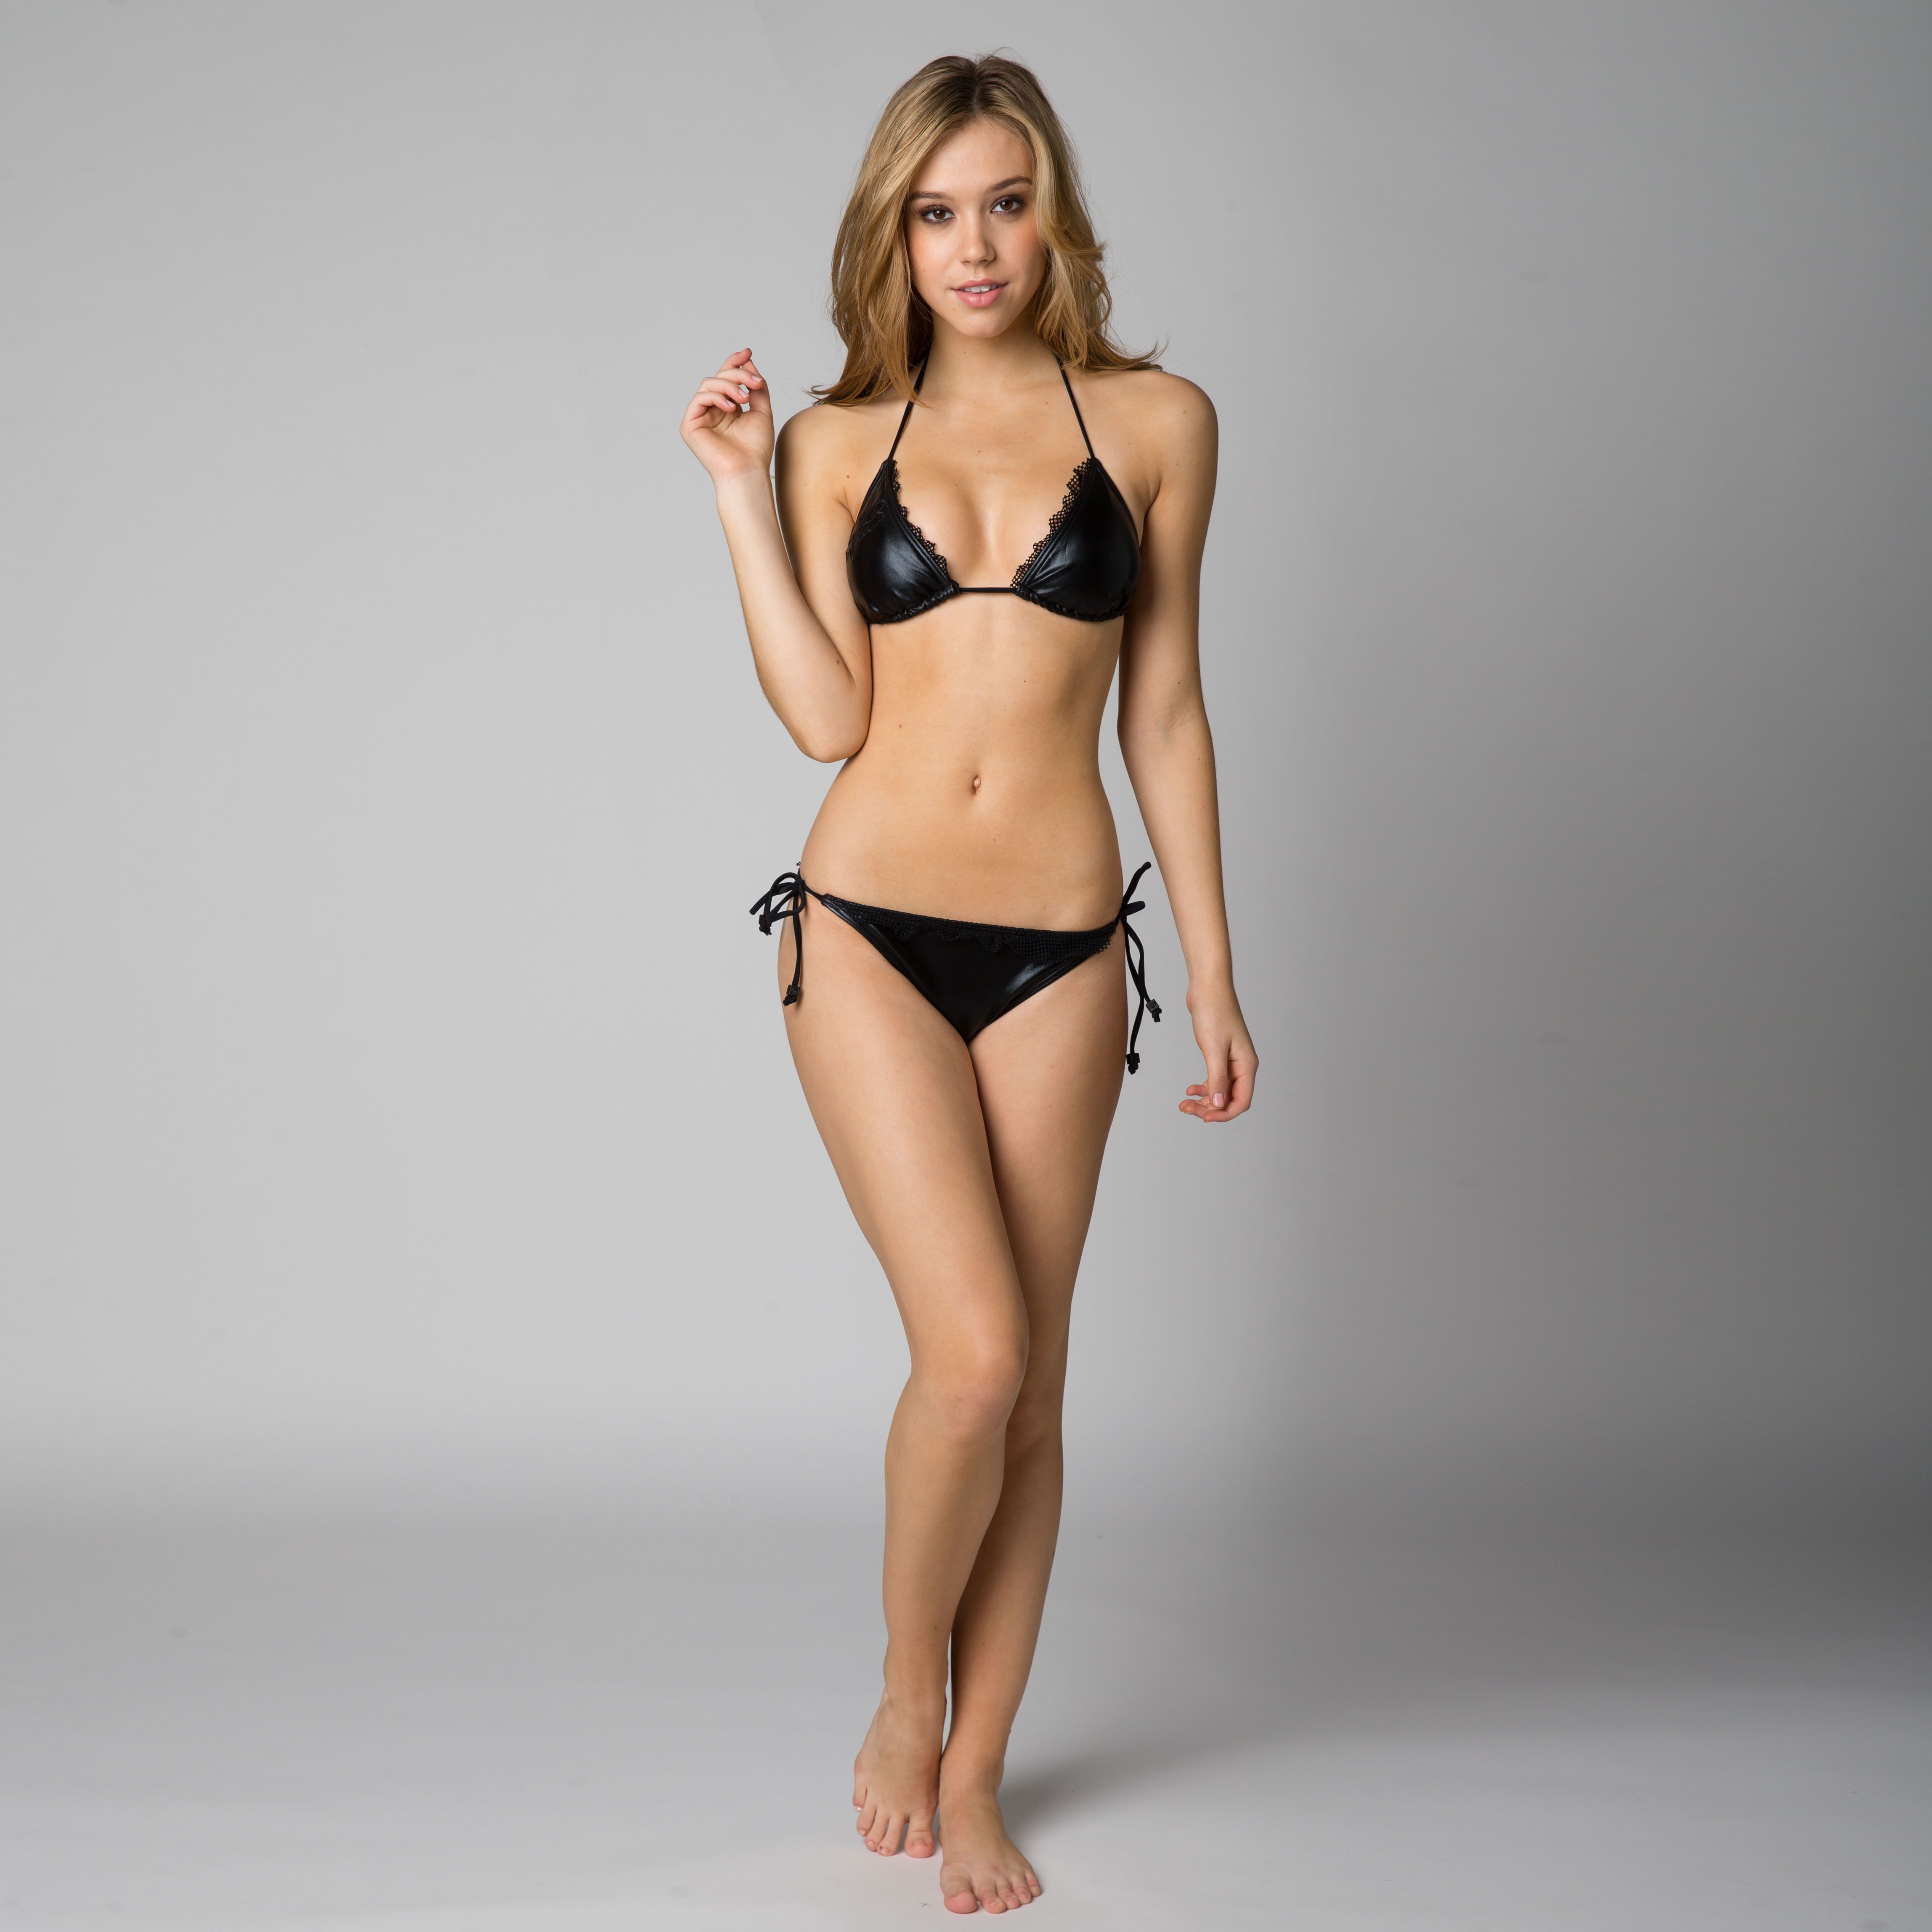 alexis ren bikini hq 4 pimpandhost